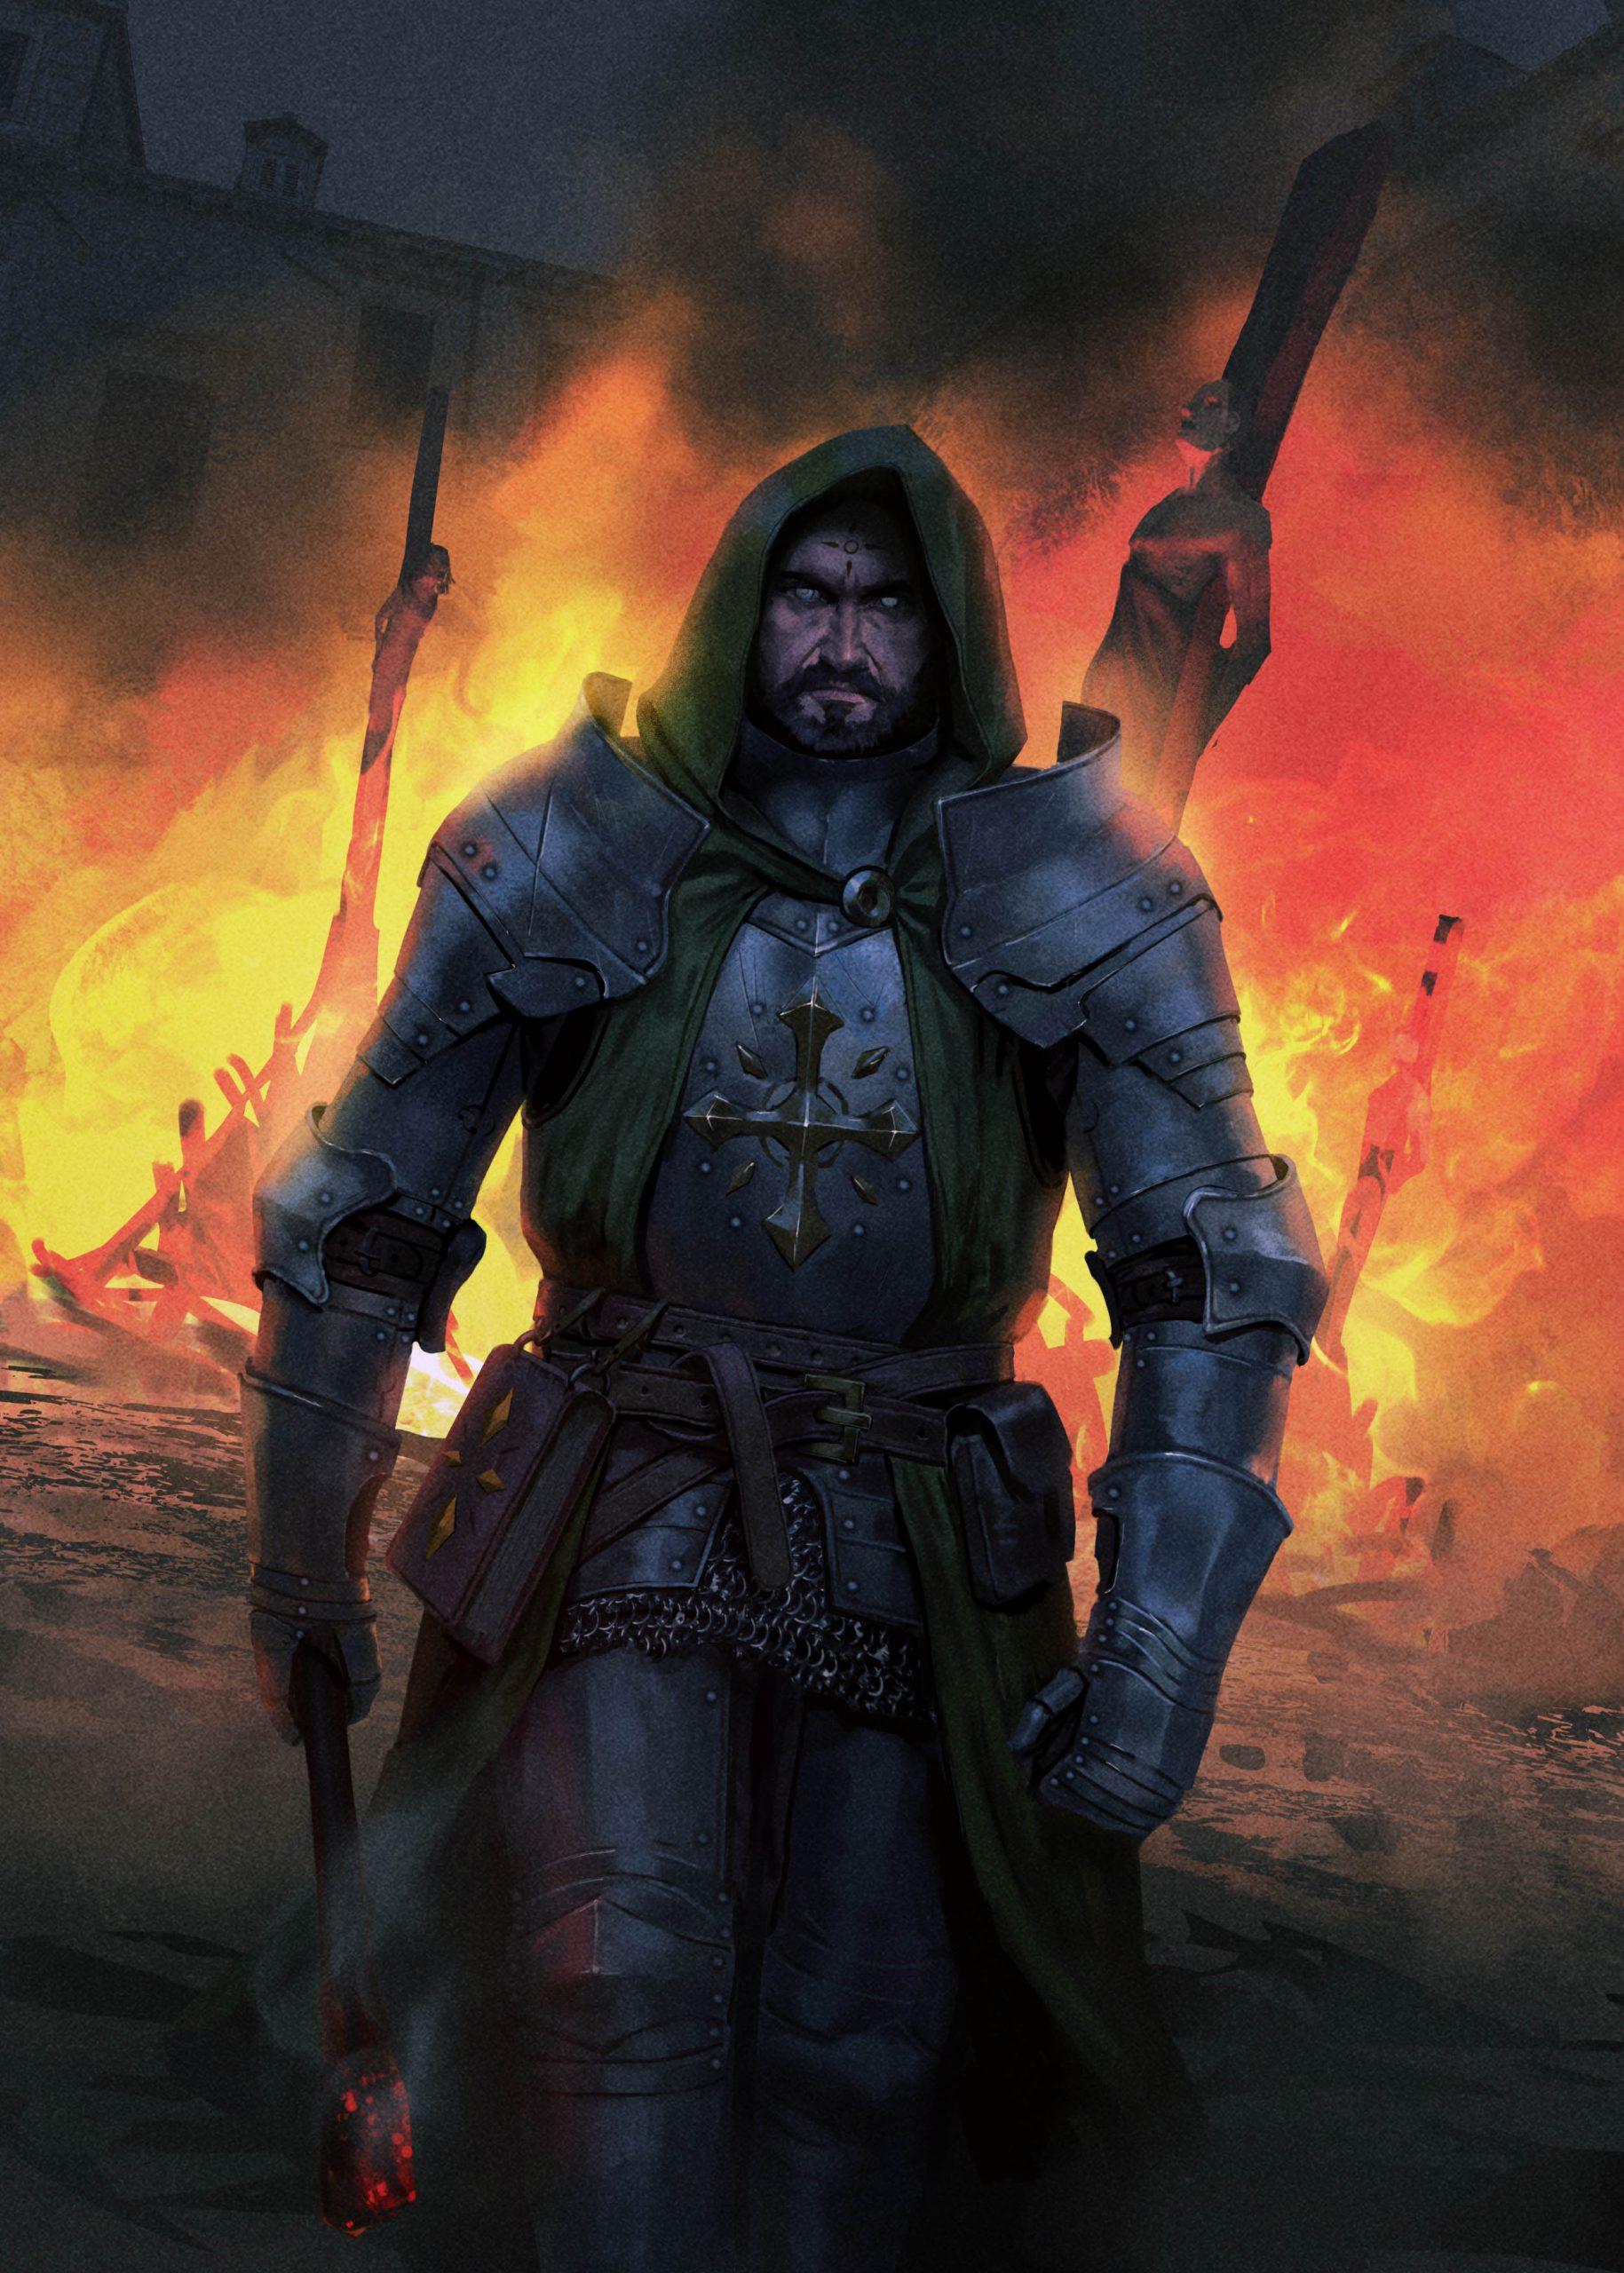 Evil Cleric Burning Heretics